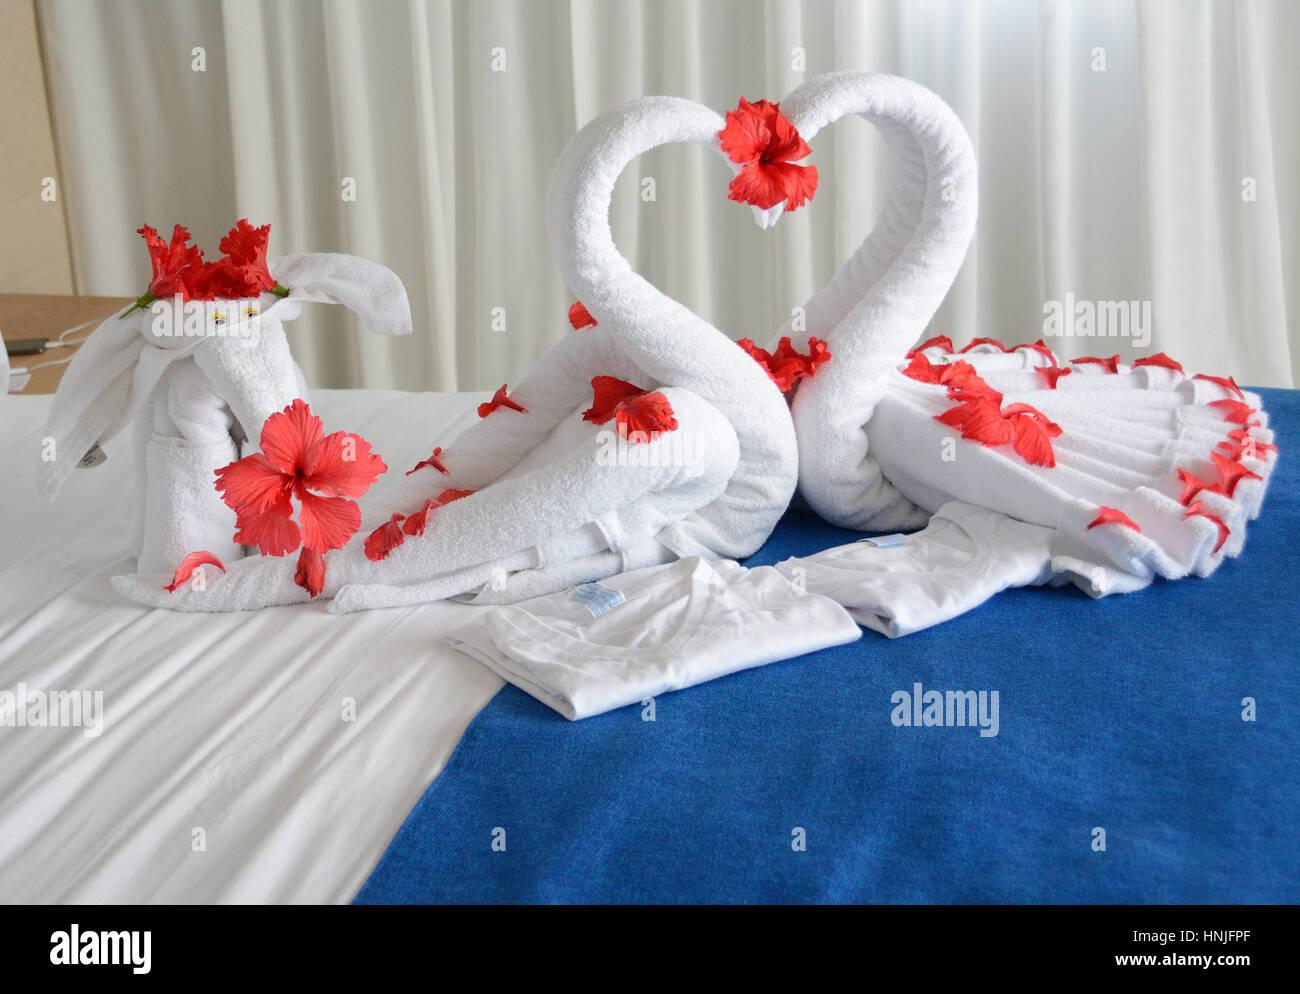 Valentinstag. Romantische Überraschung Für Ihre Frauen Im Hotel Zimmer